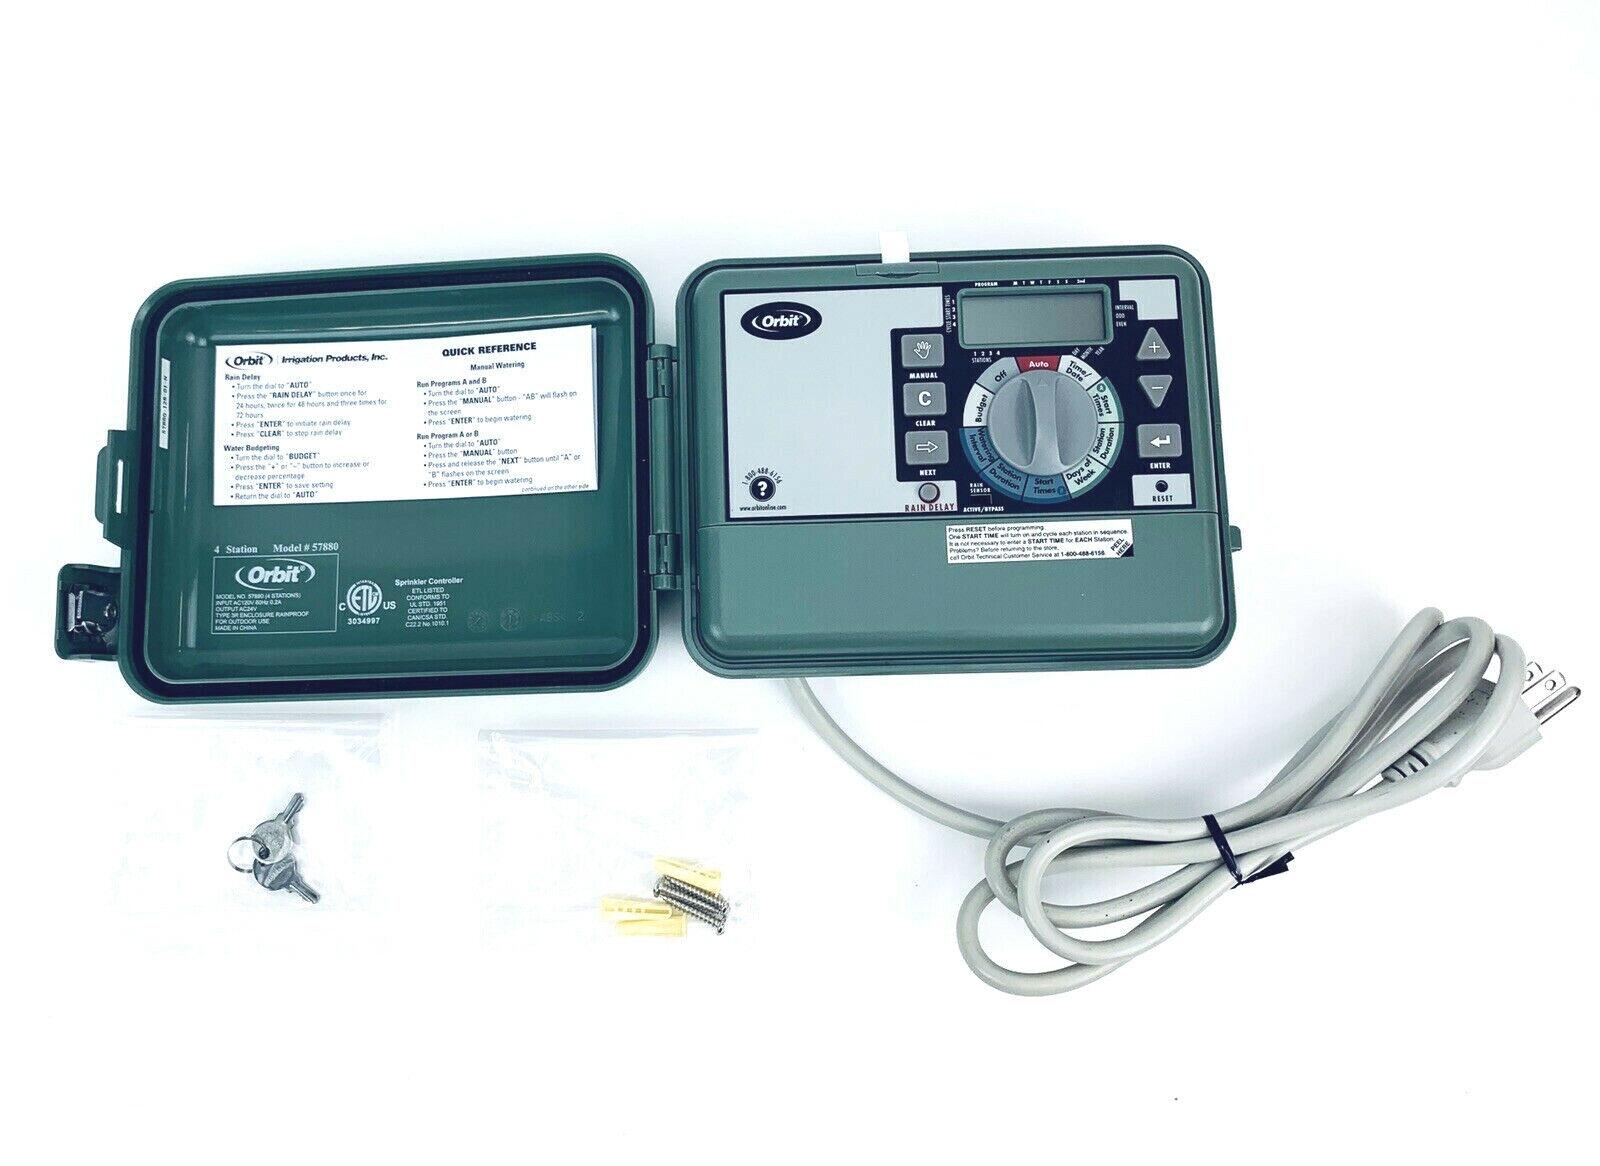 Orbit 4-Station Easy-Set Logic Sprinkler Timer, Indoor/Outdoor, Model 57894